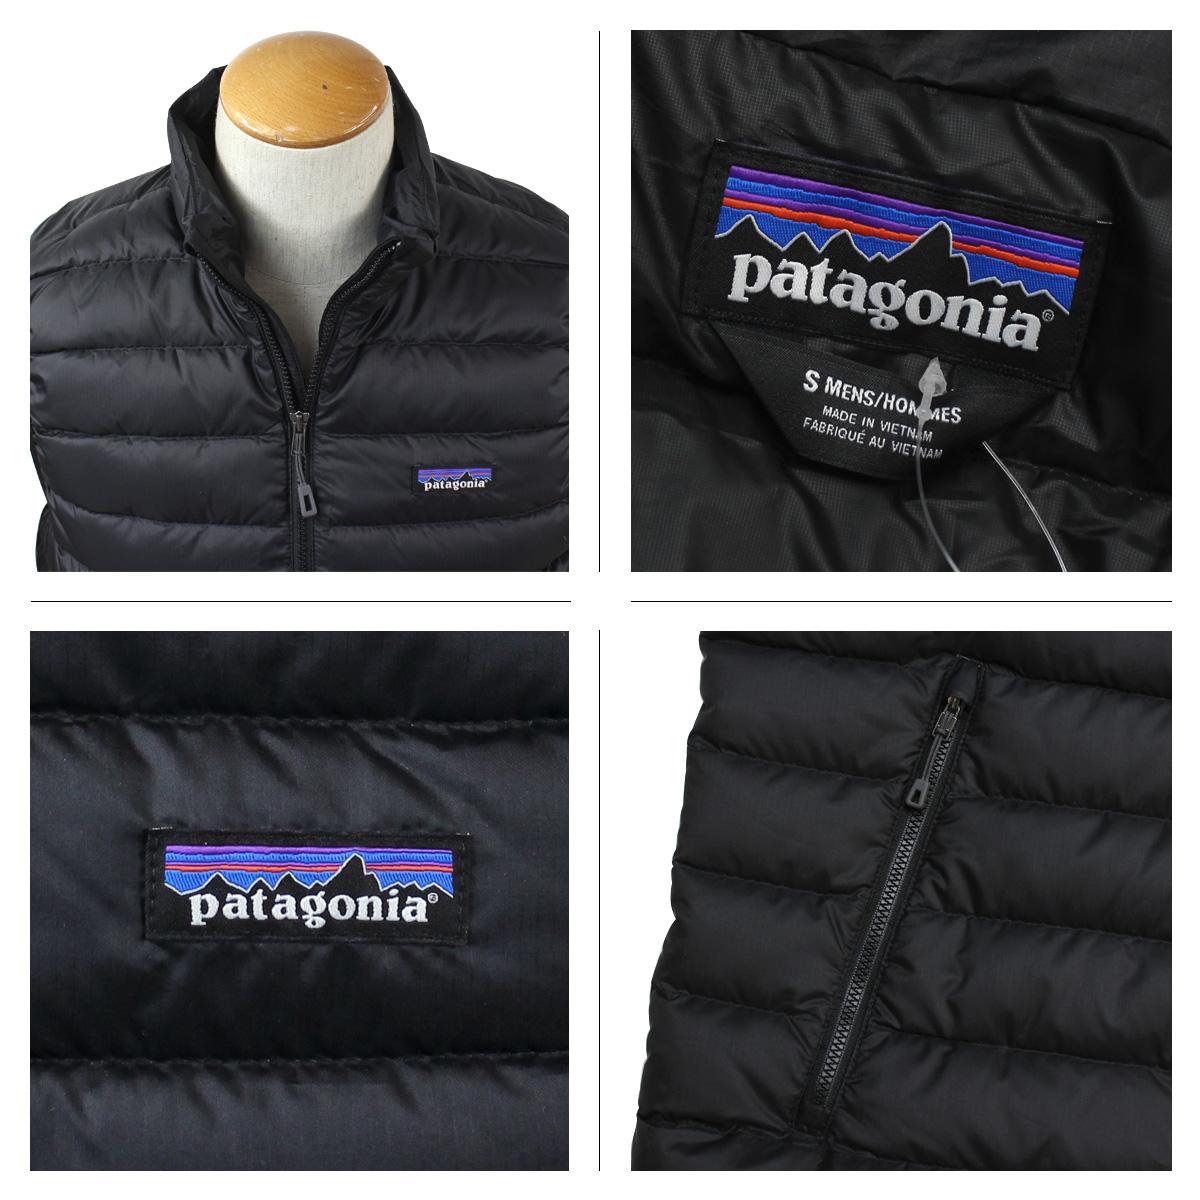 SneaK Online Shop | Rakuten Global Market: Patagonia patagonia ...